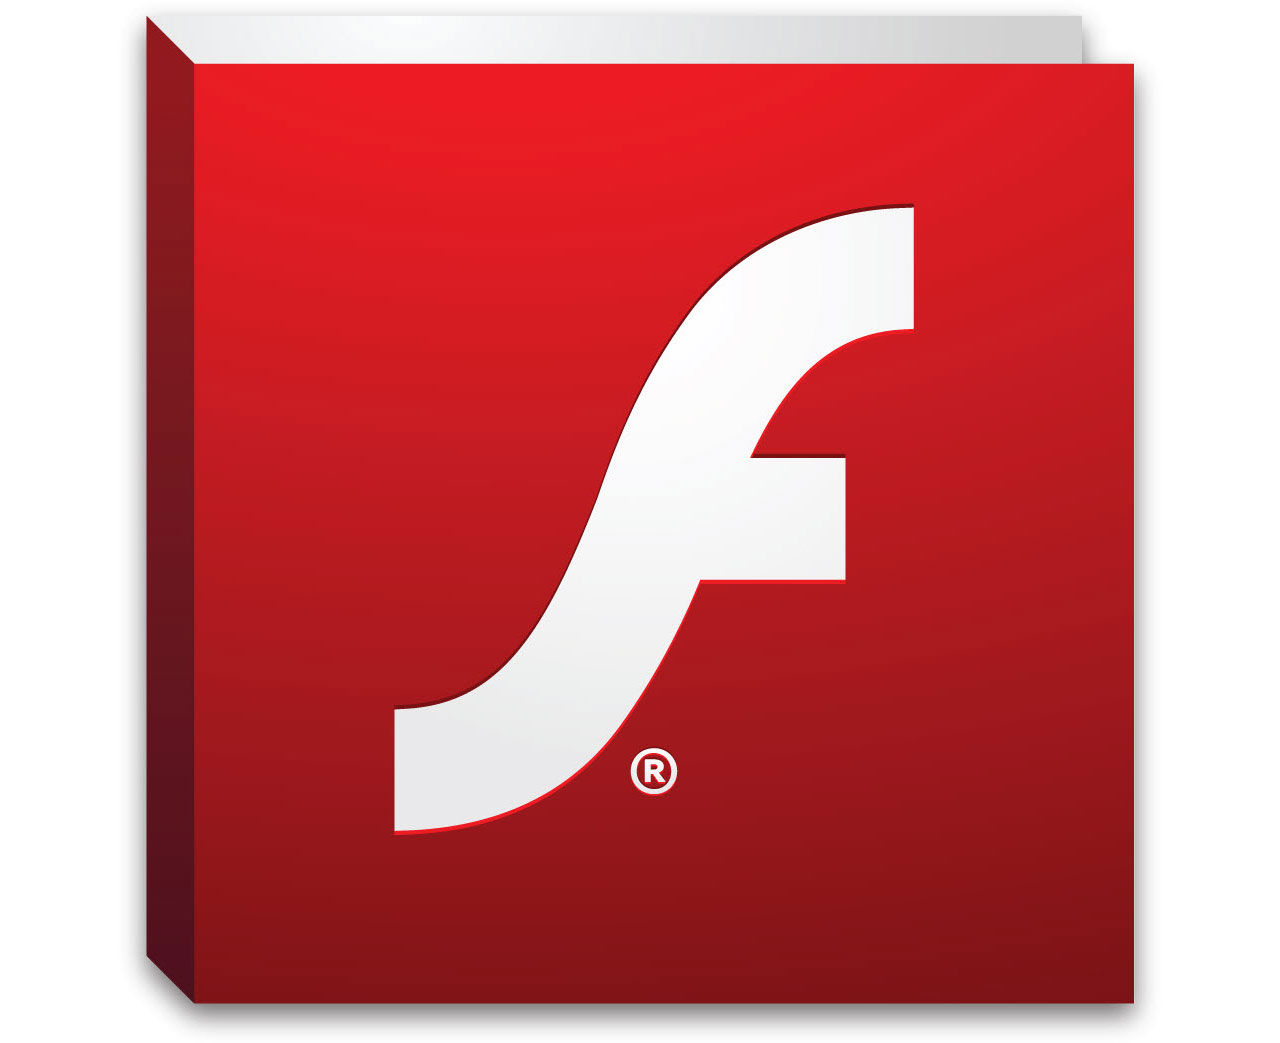 Kritisk bugg upptäckt i Adobe Flash